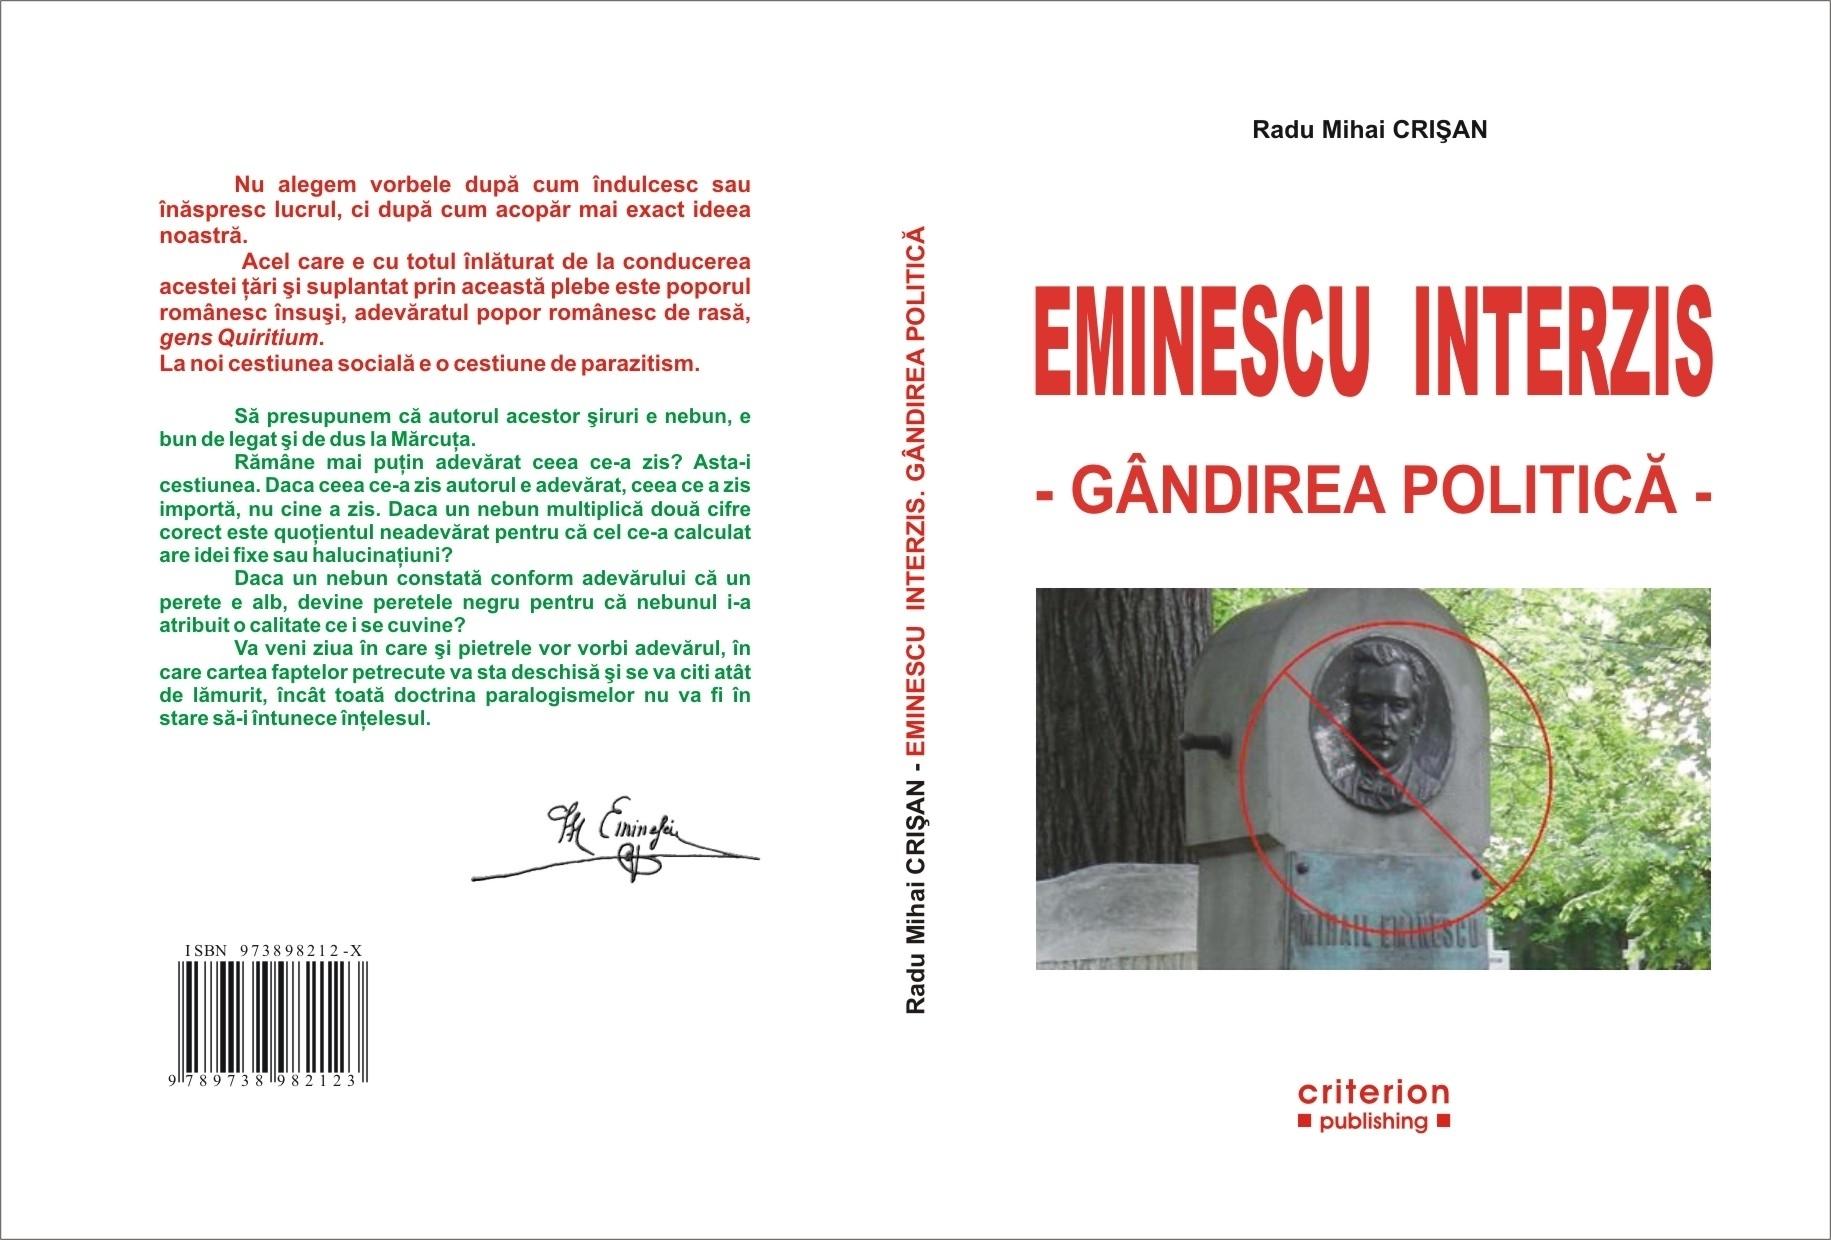 Mihai Eminescu; Germanu-i foarte tacticos - MAGAZIN CRITIC